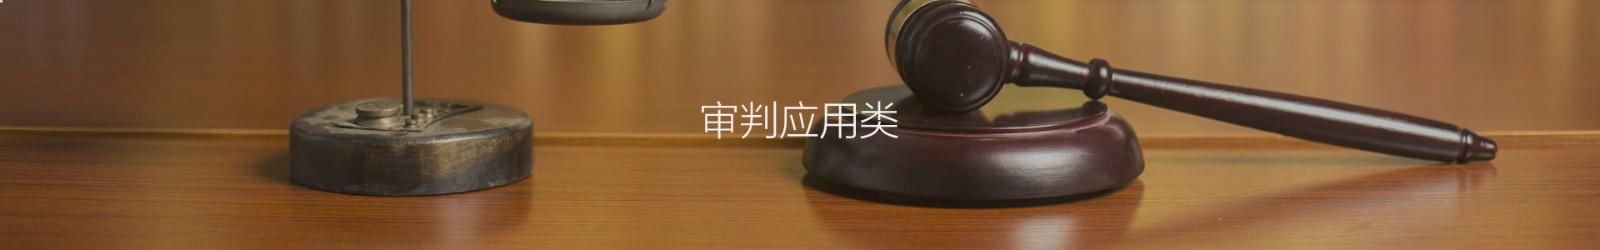 审判应用类